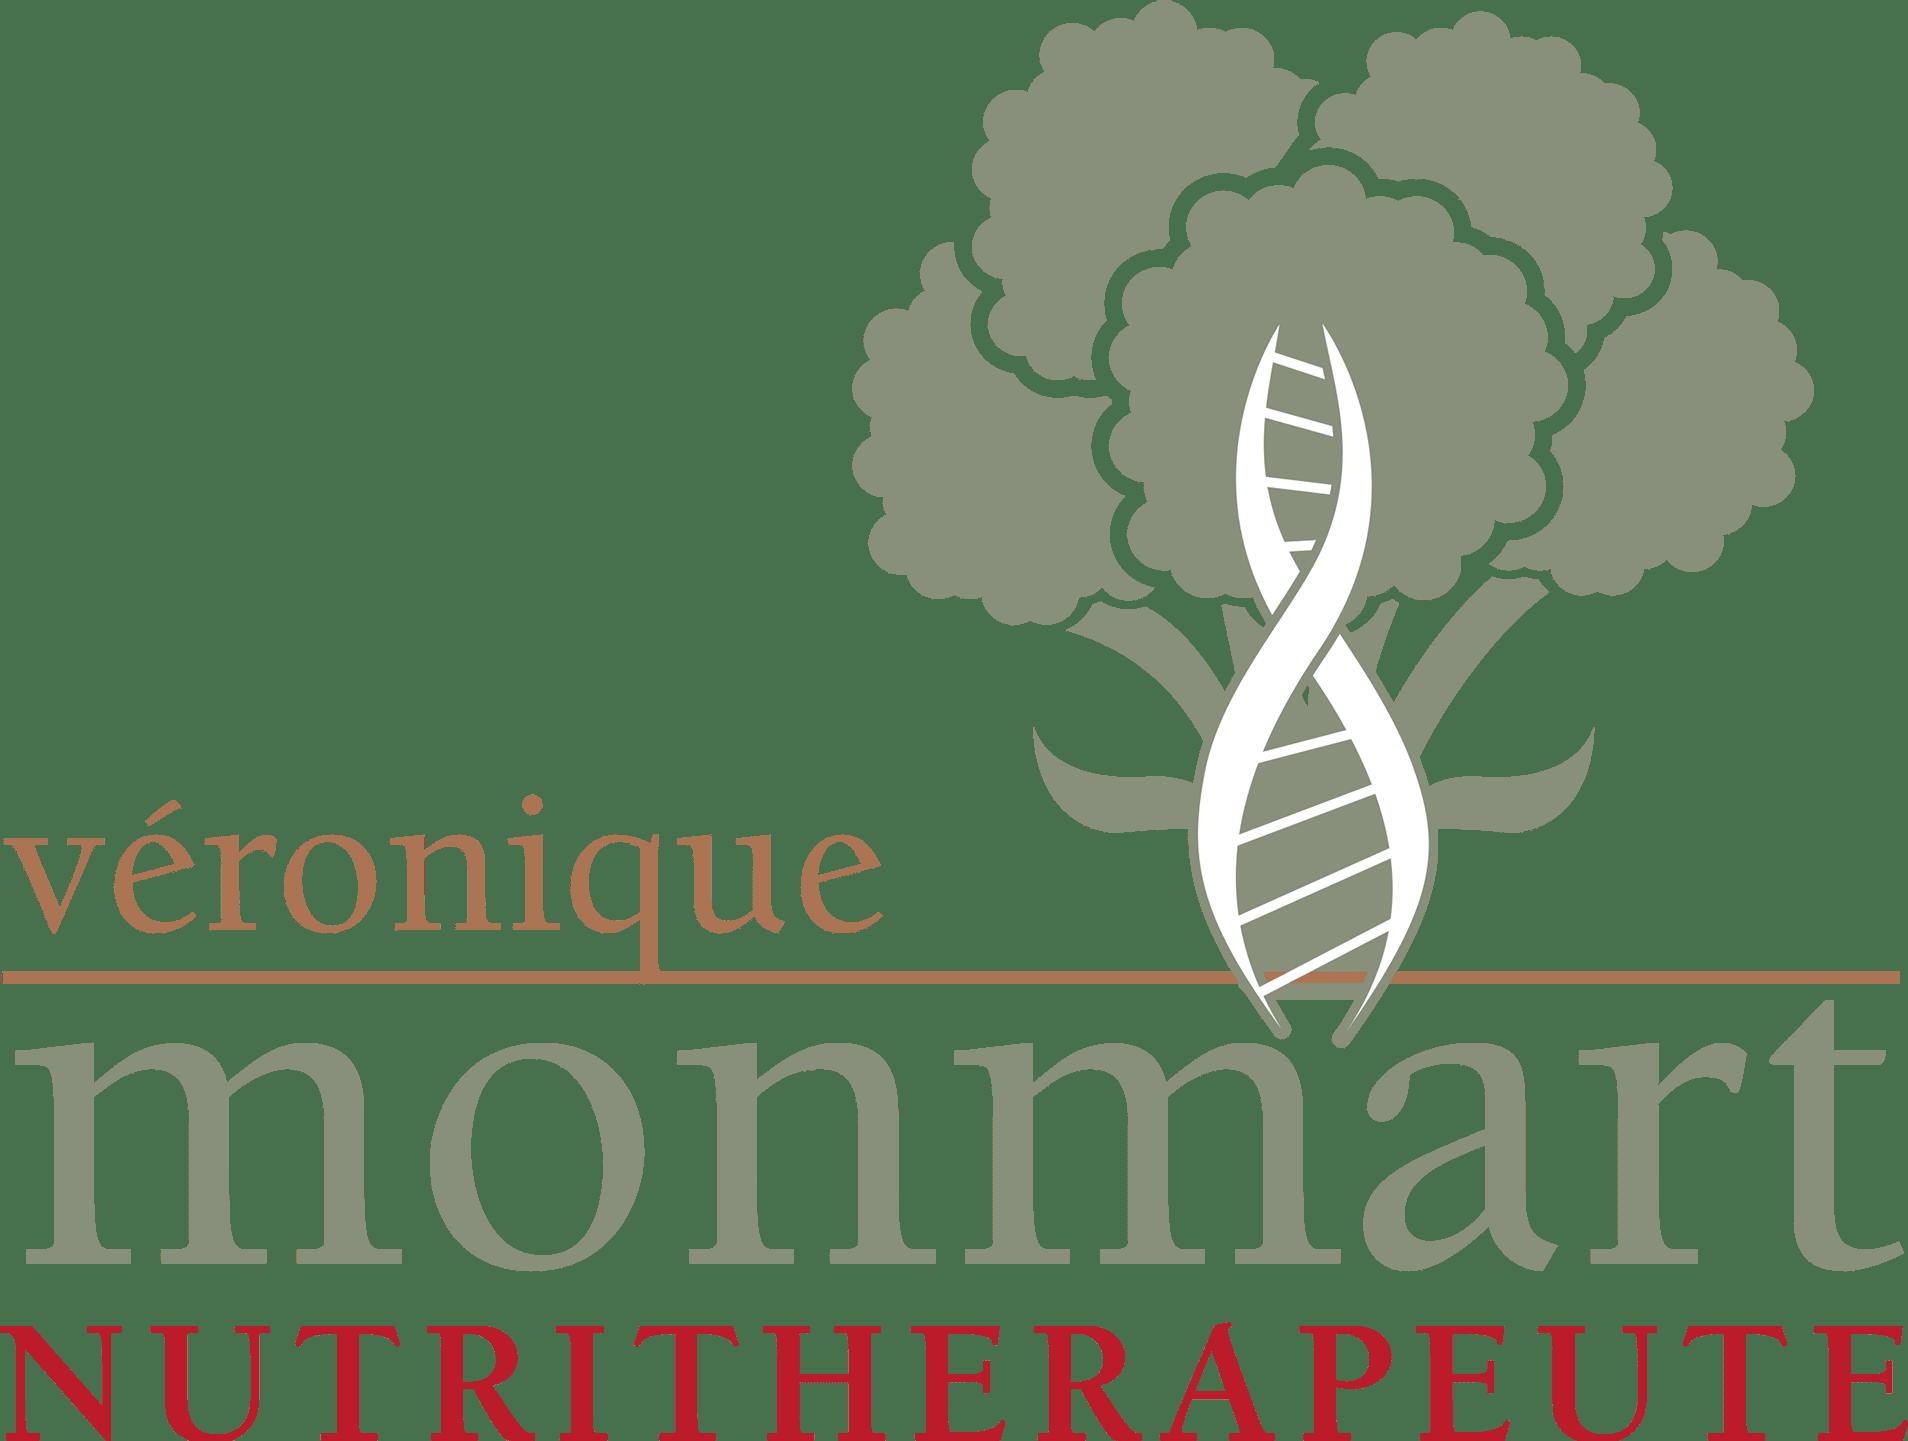 Logo de Véronique Monmart - Nutrithérapeute